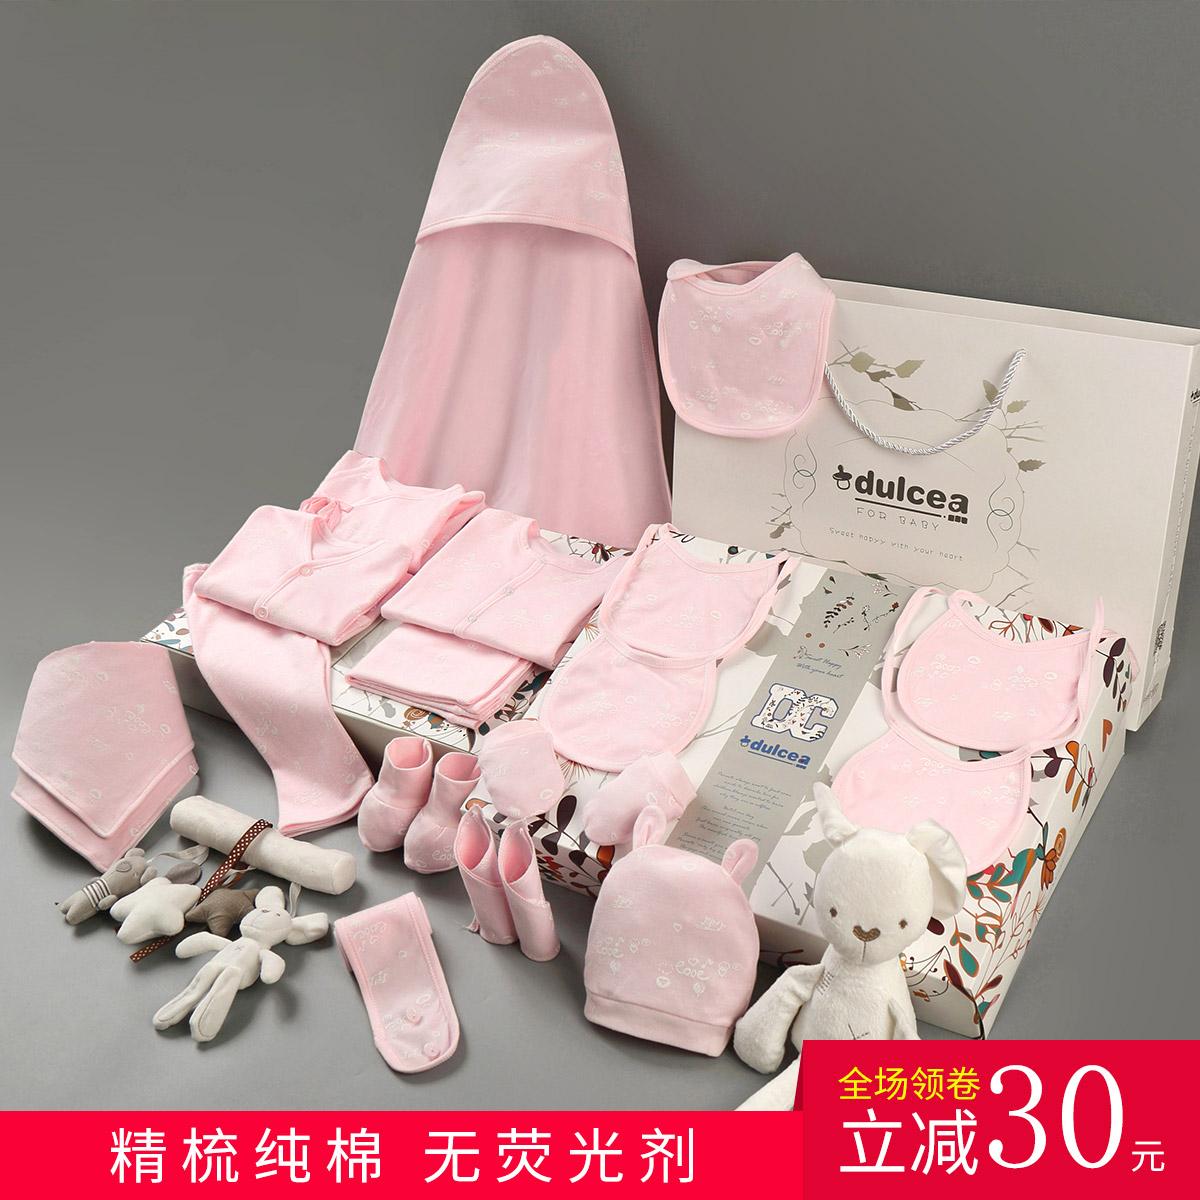 婴儿纯棉礼盒套装1元优惠券